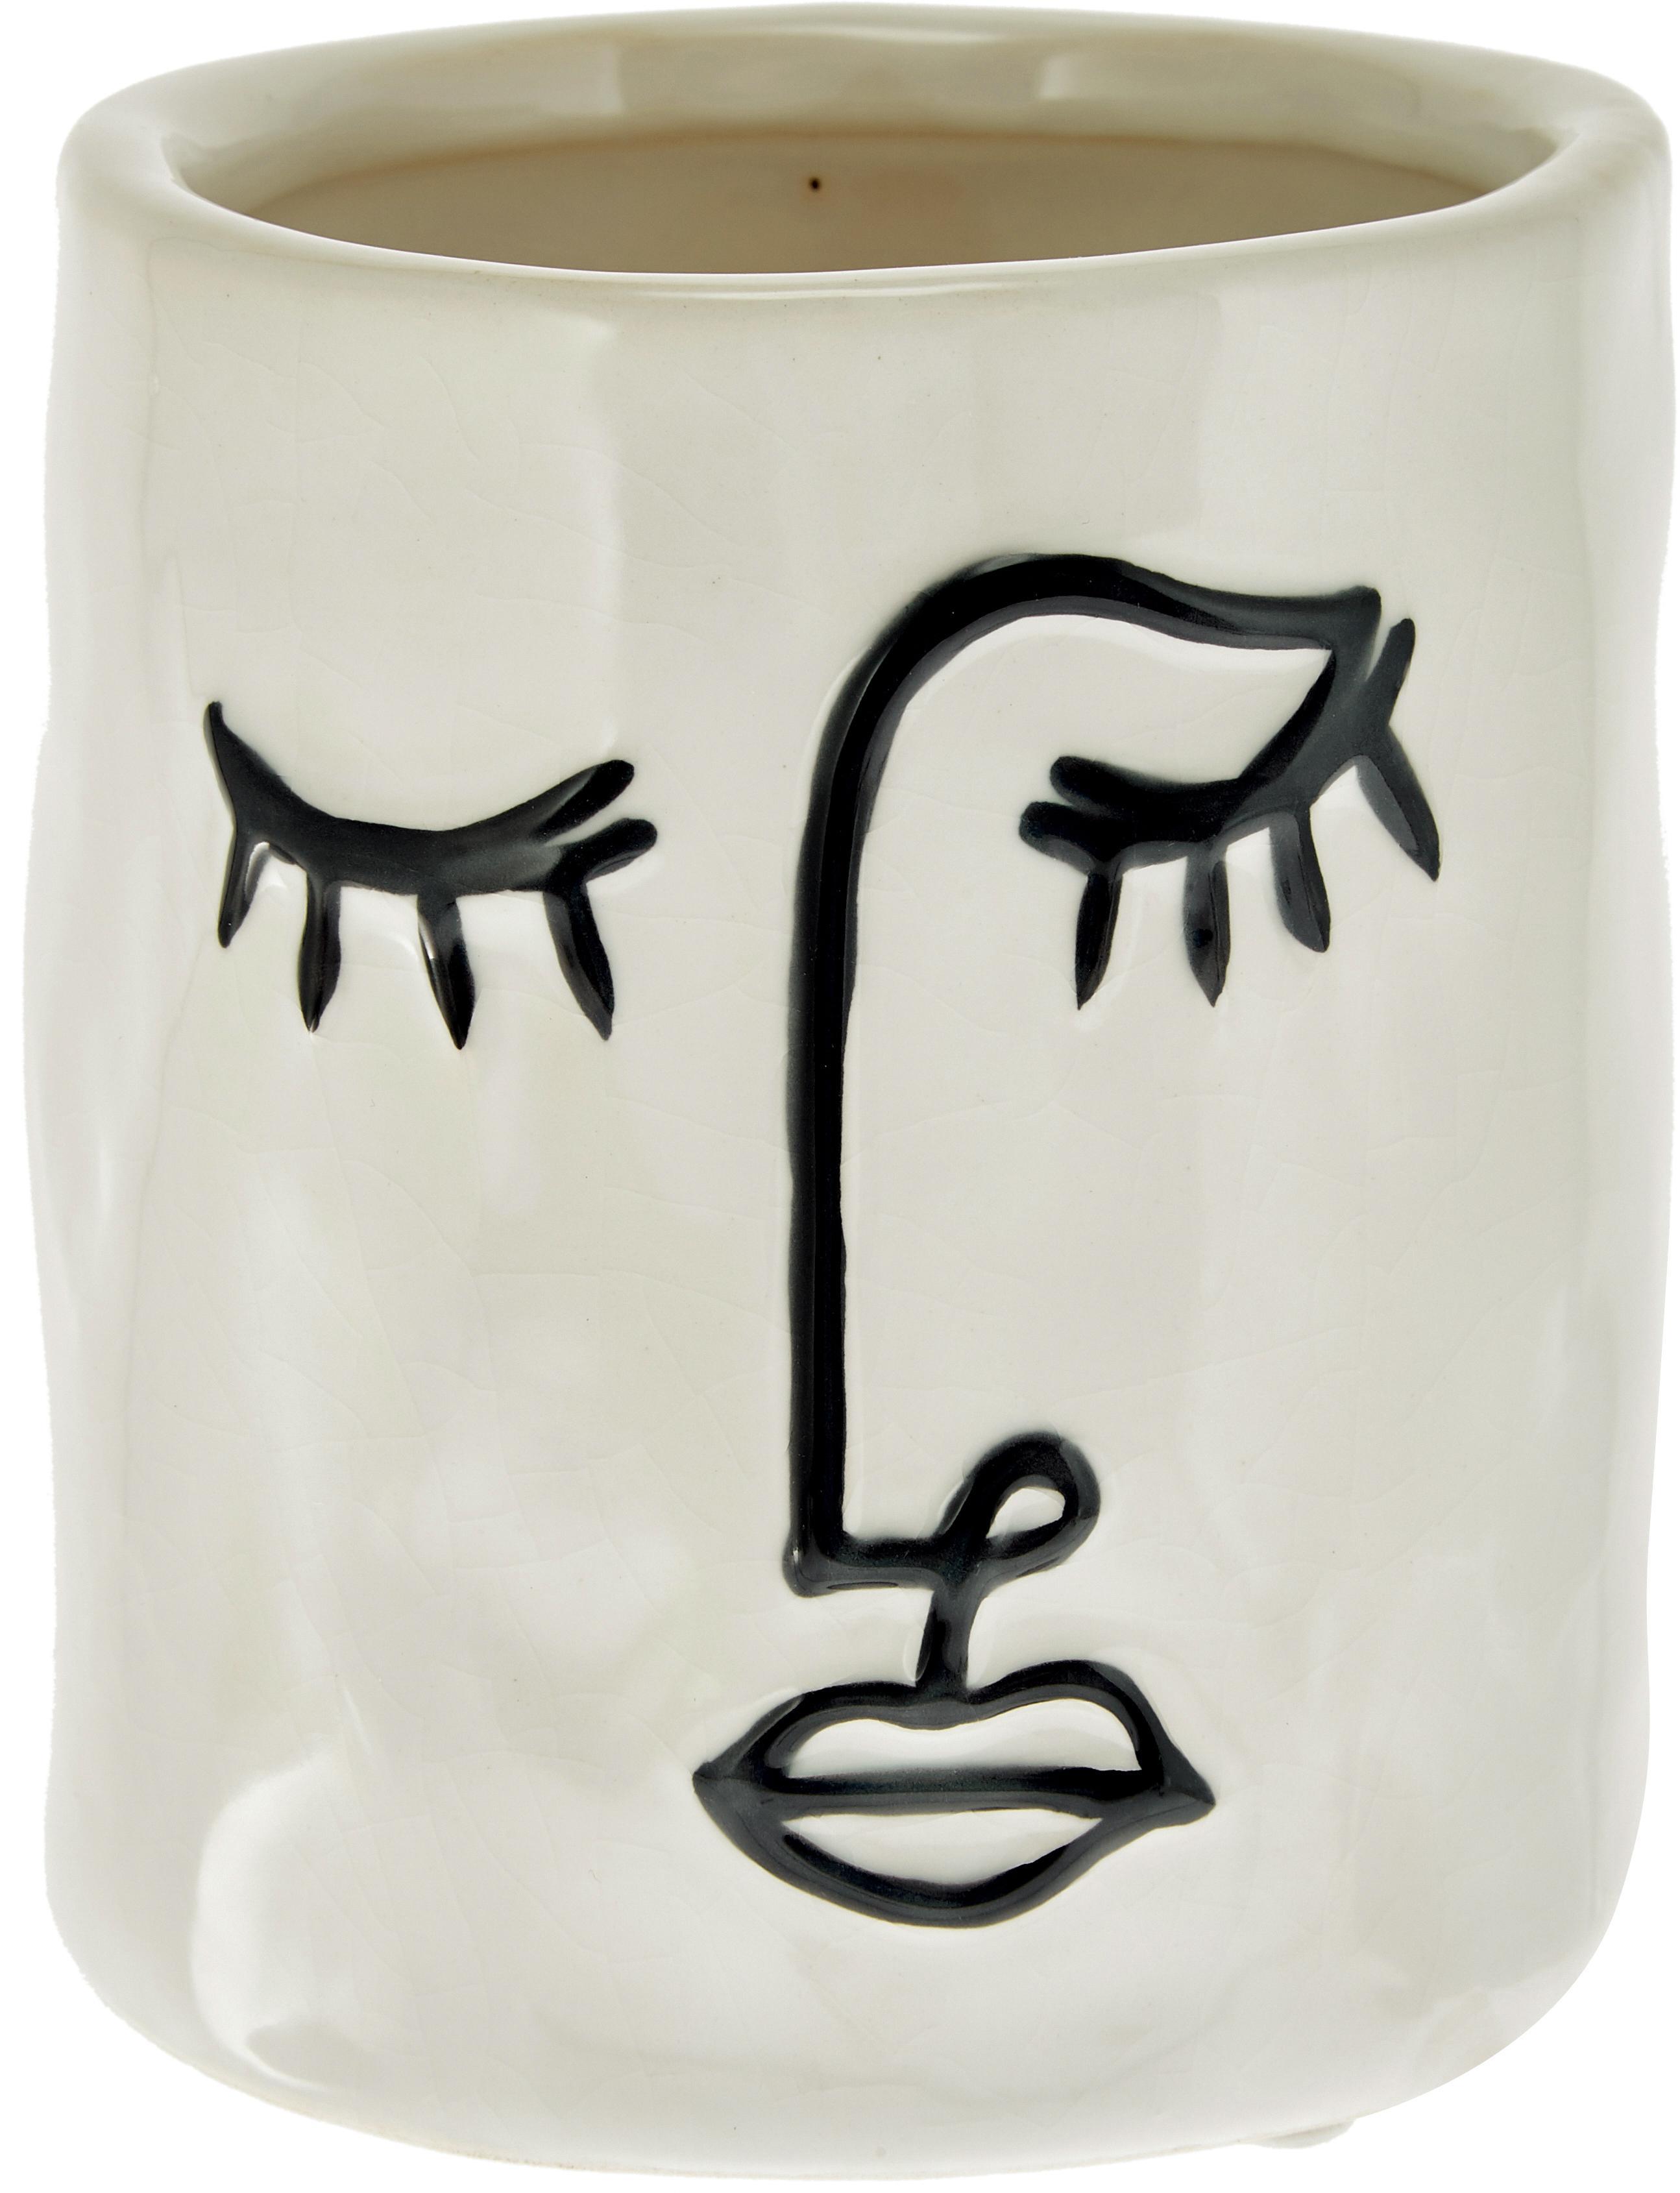 Osłonka na doniczkę Face, Kamionka, Złamana biel, czarny, Ø 12 x W 13 cm